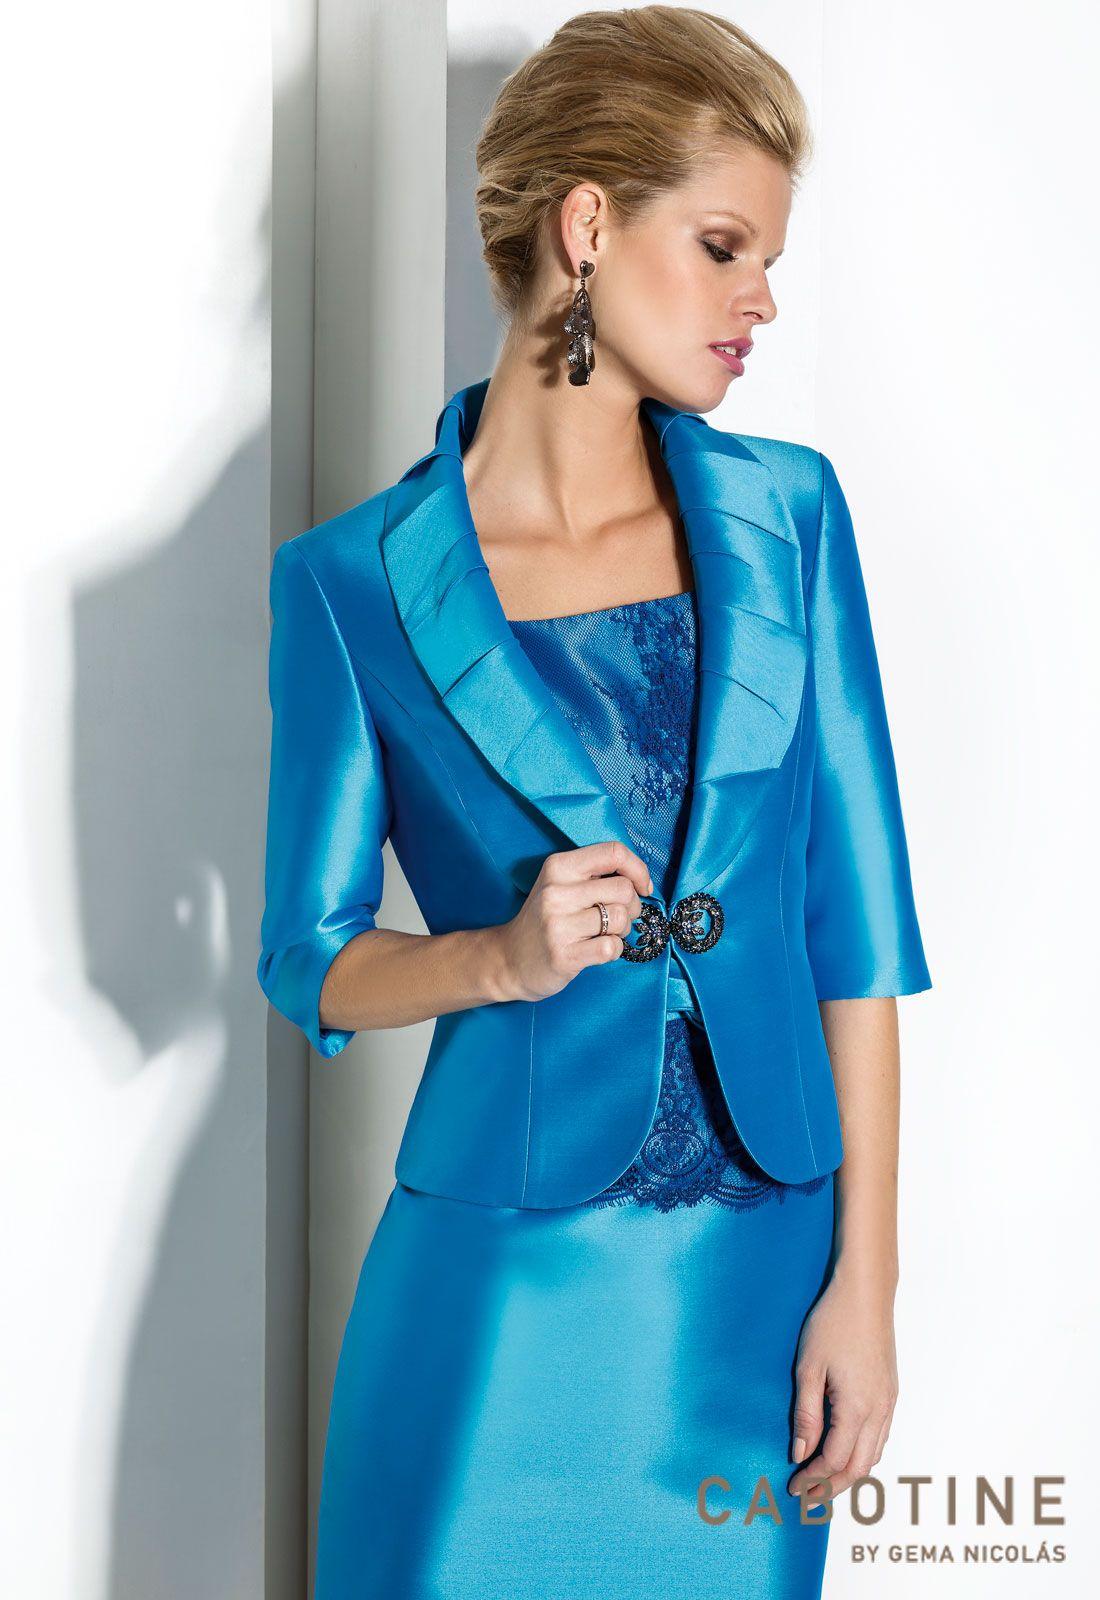 d7f3c20ea5 DONNA 6178 Conjunto vestido de fiesta con chaqueta en mikado y encaje con  detalle de cristal en broche